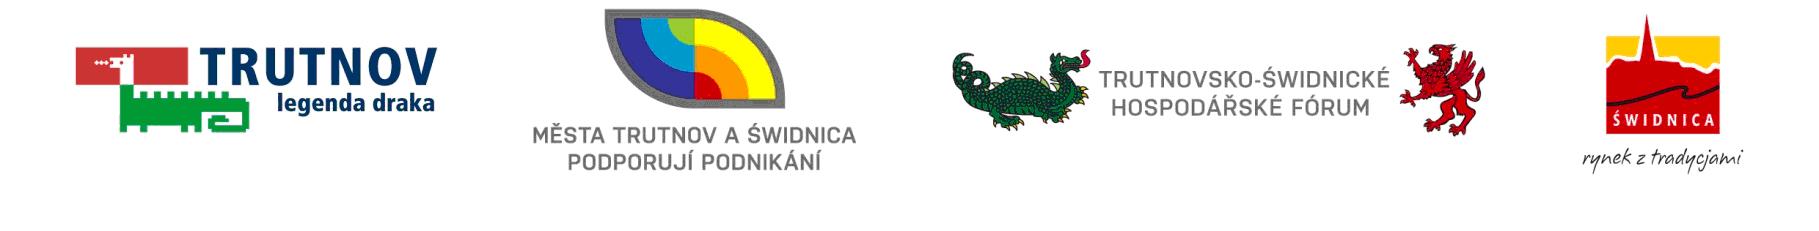 logo-spol-trutnov-swidnice